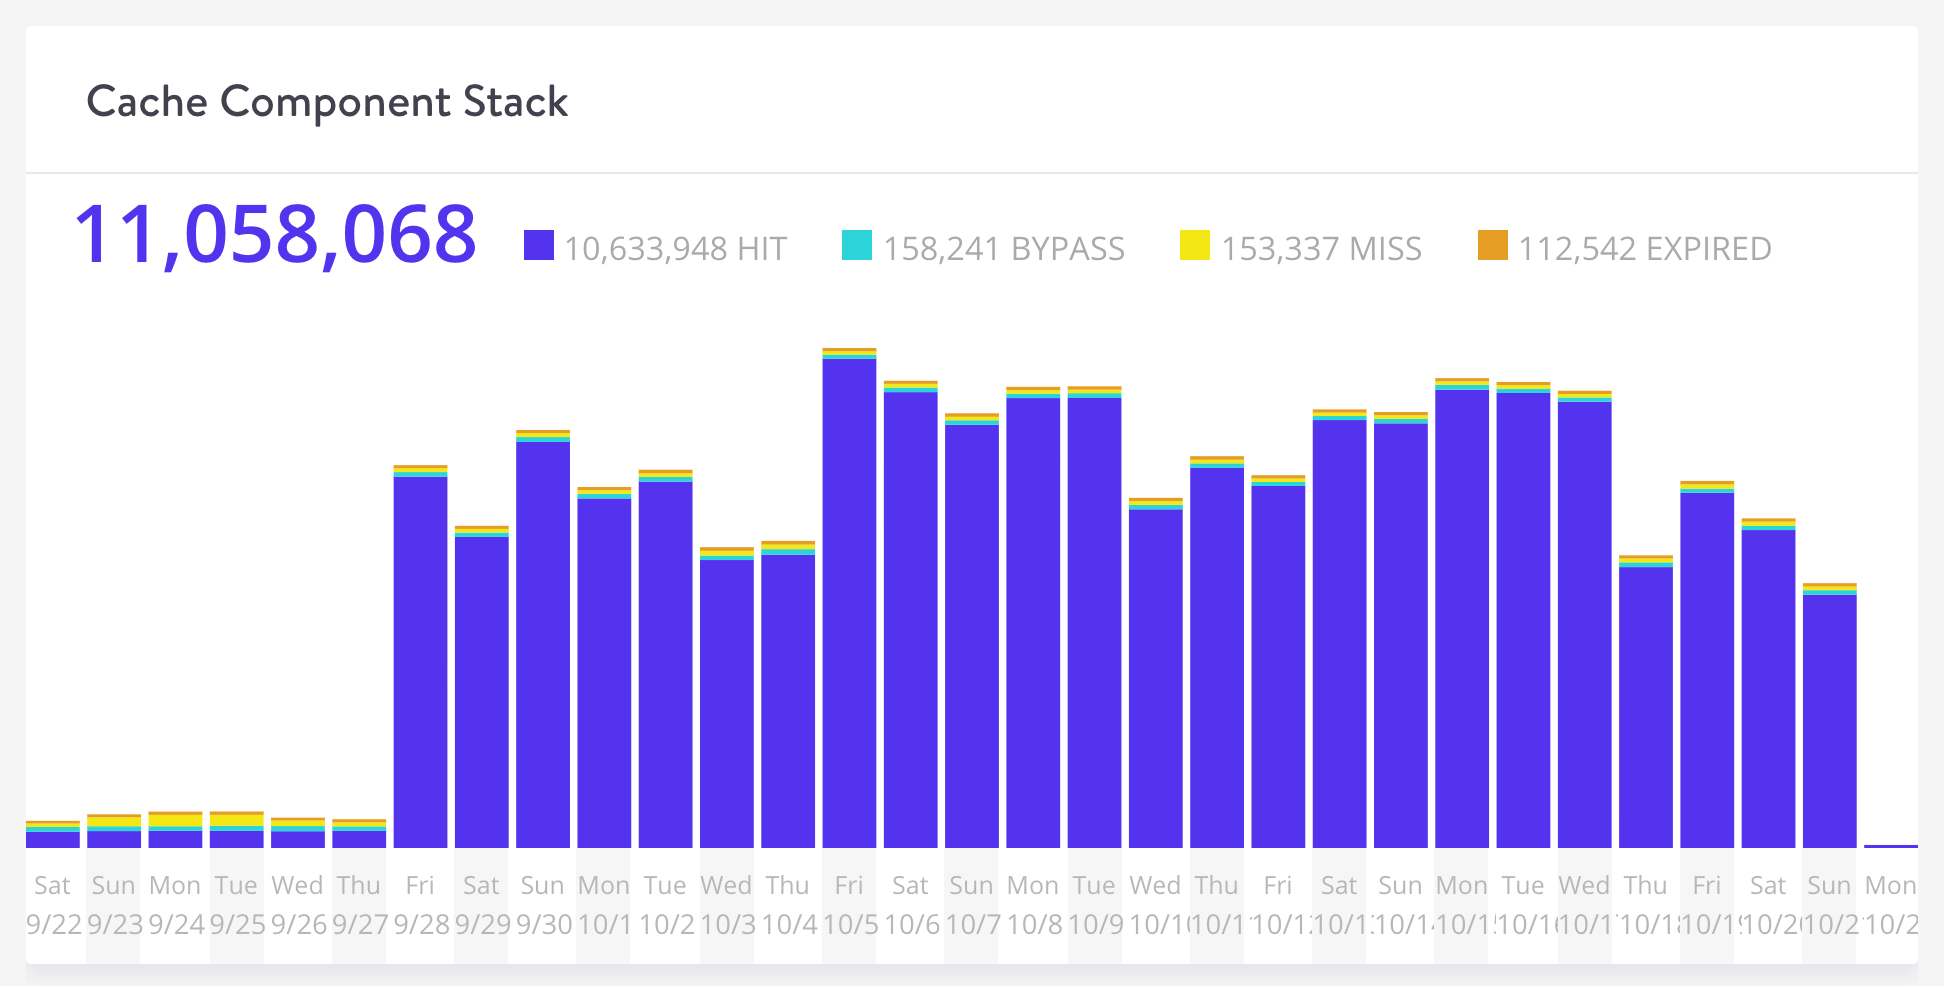 Kinsta cachekomponentstack